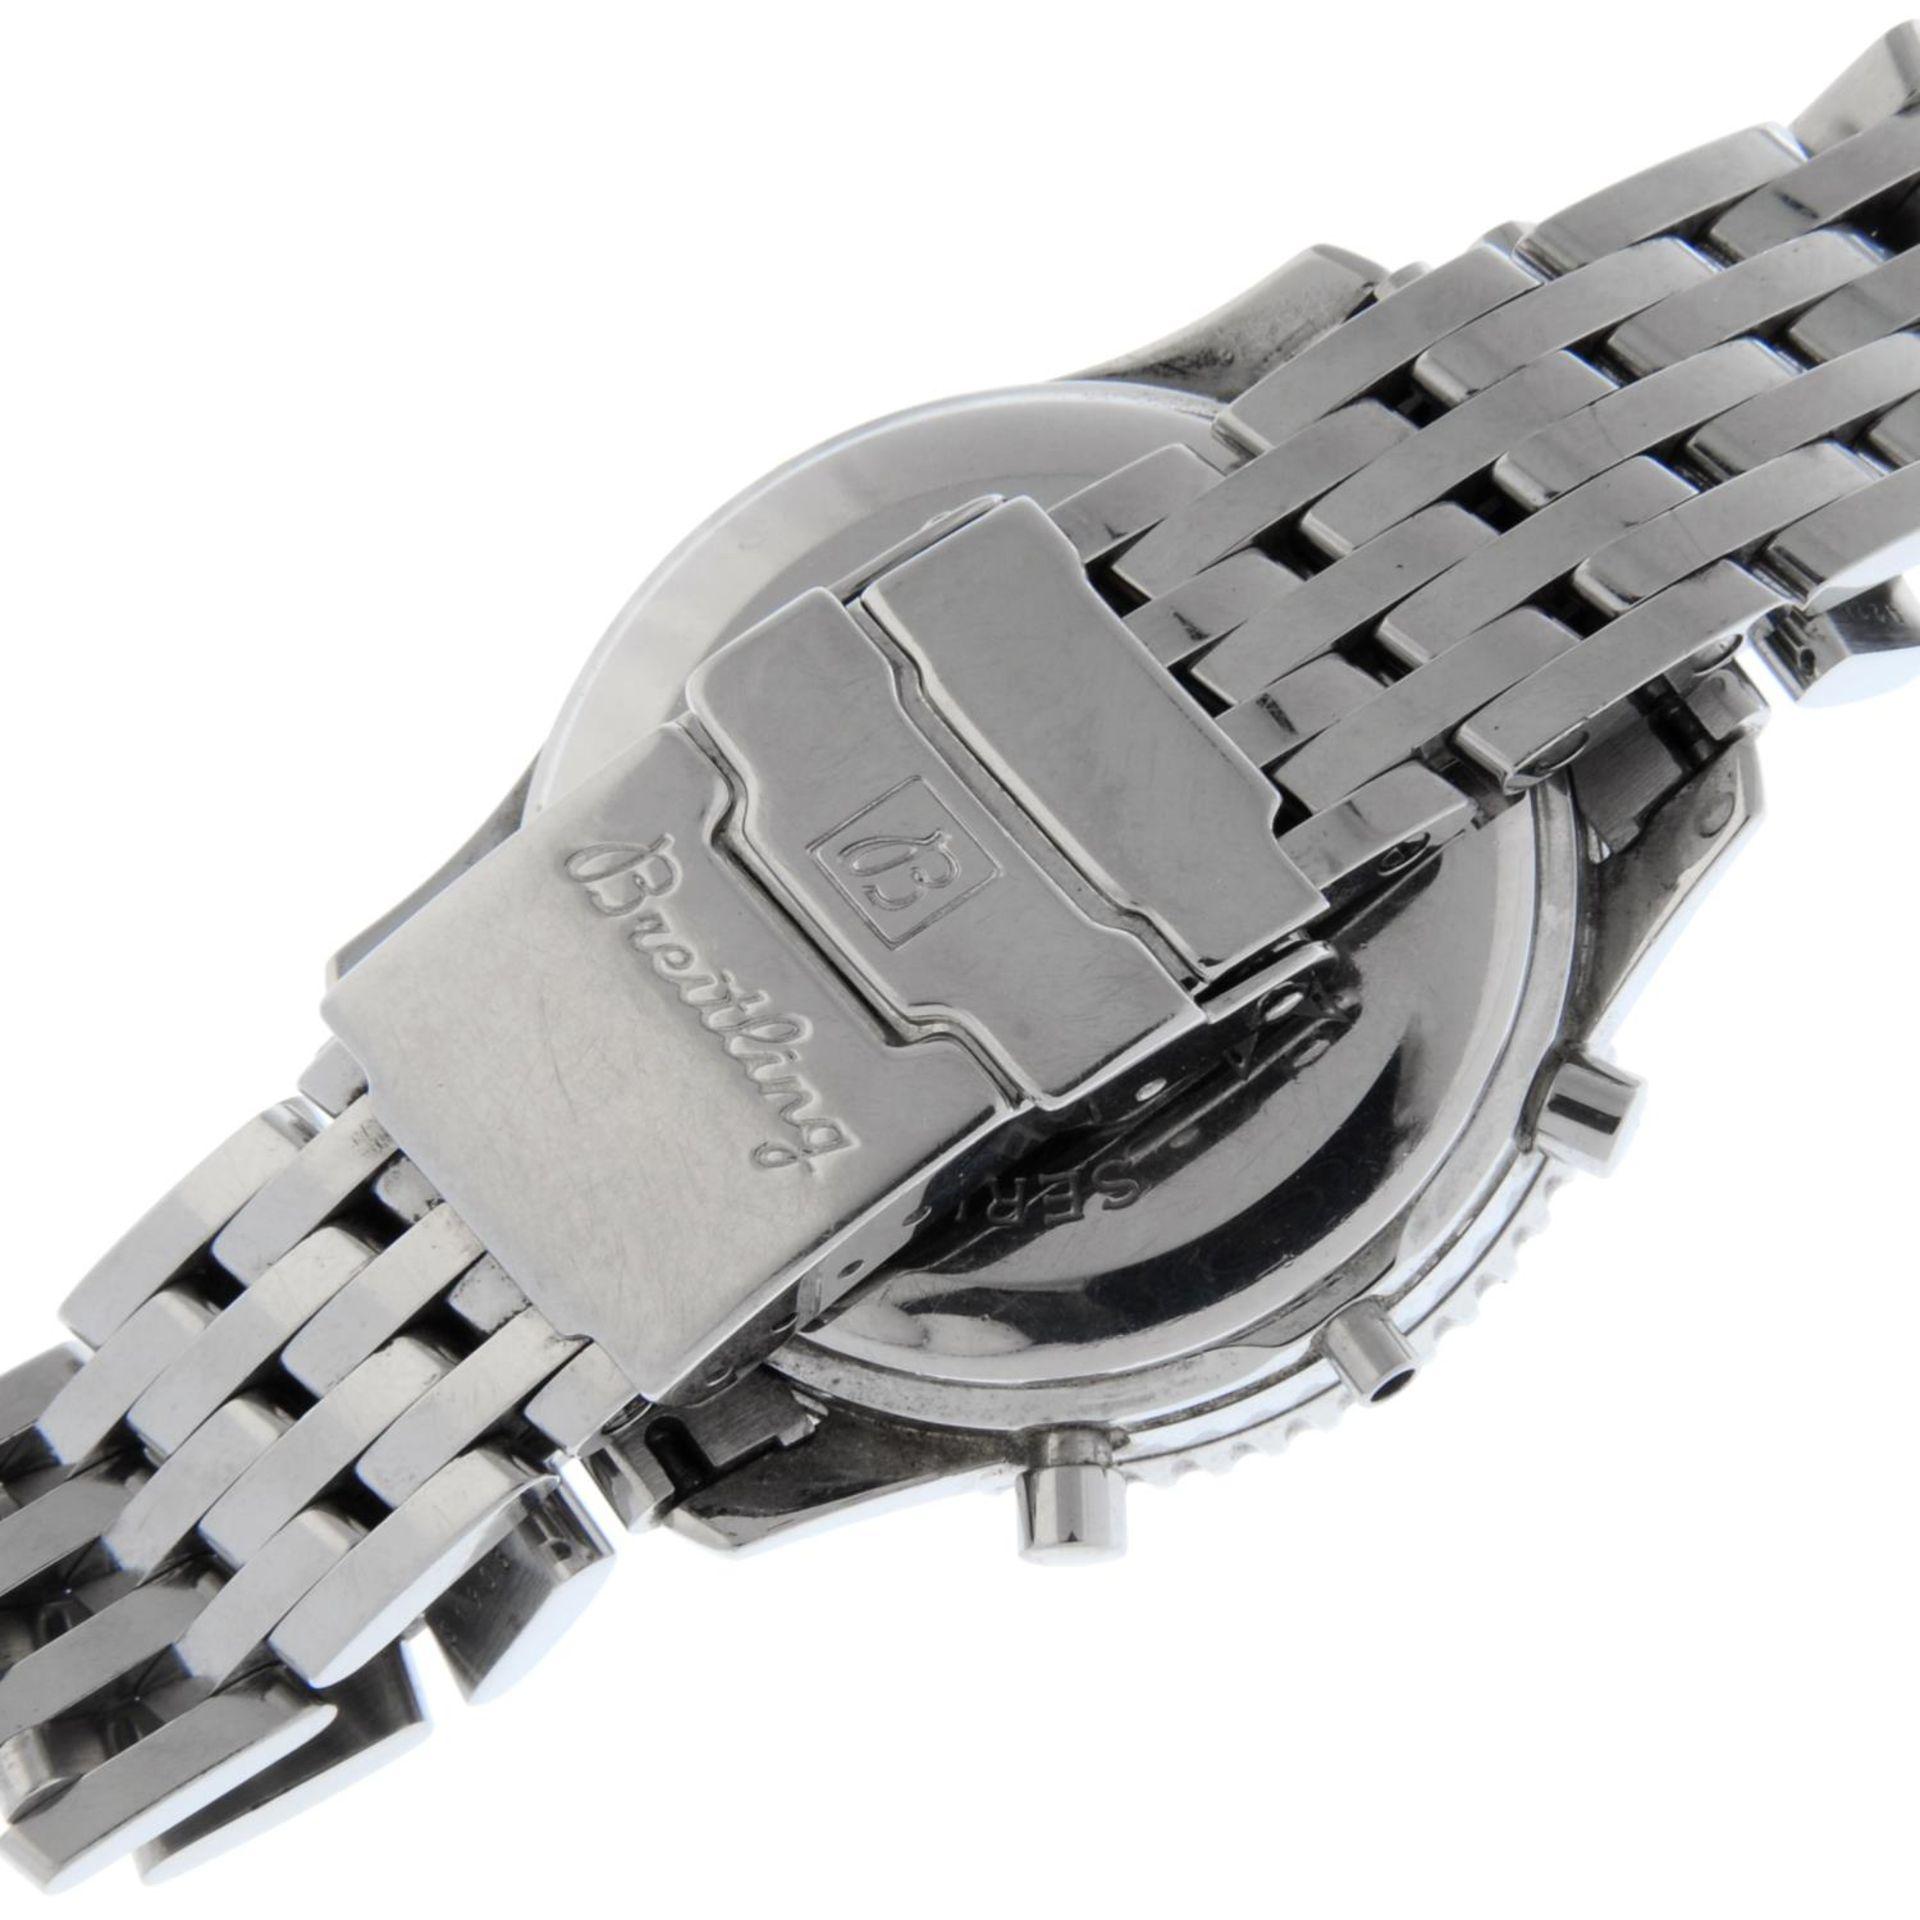 BREITLING - a Navitimer Montbrilliant bracelet watch. - Bild 2 aus 5